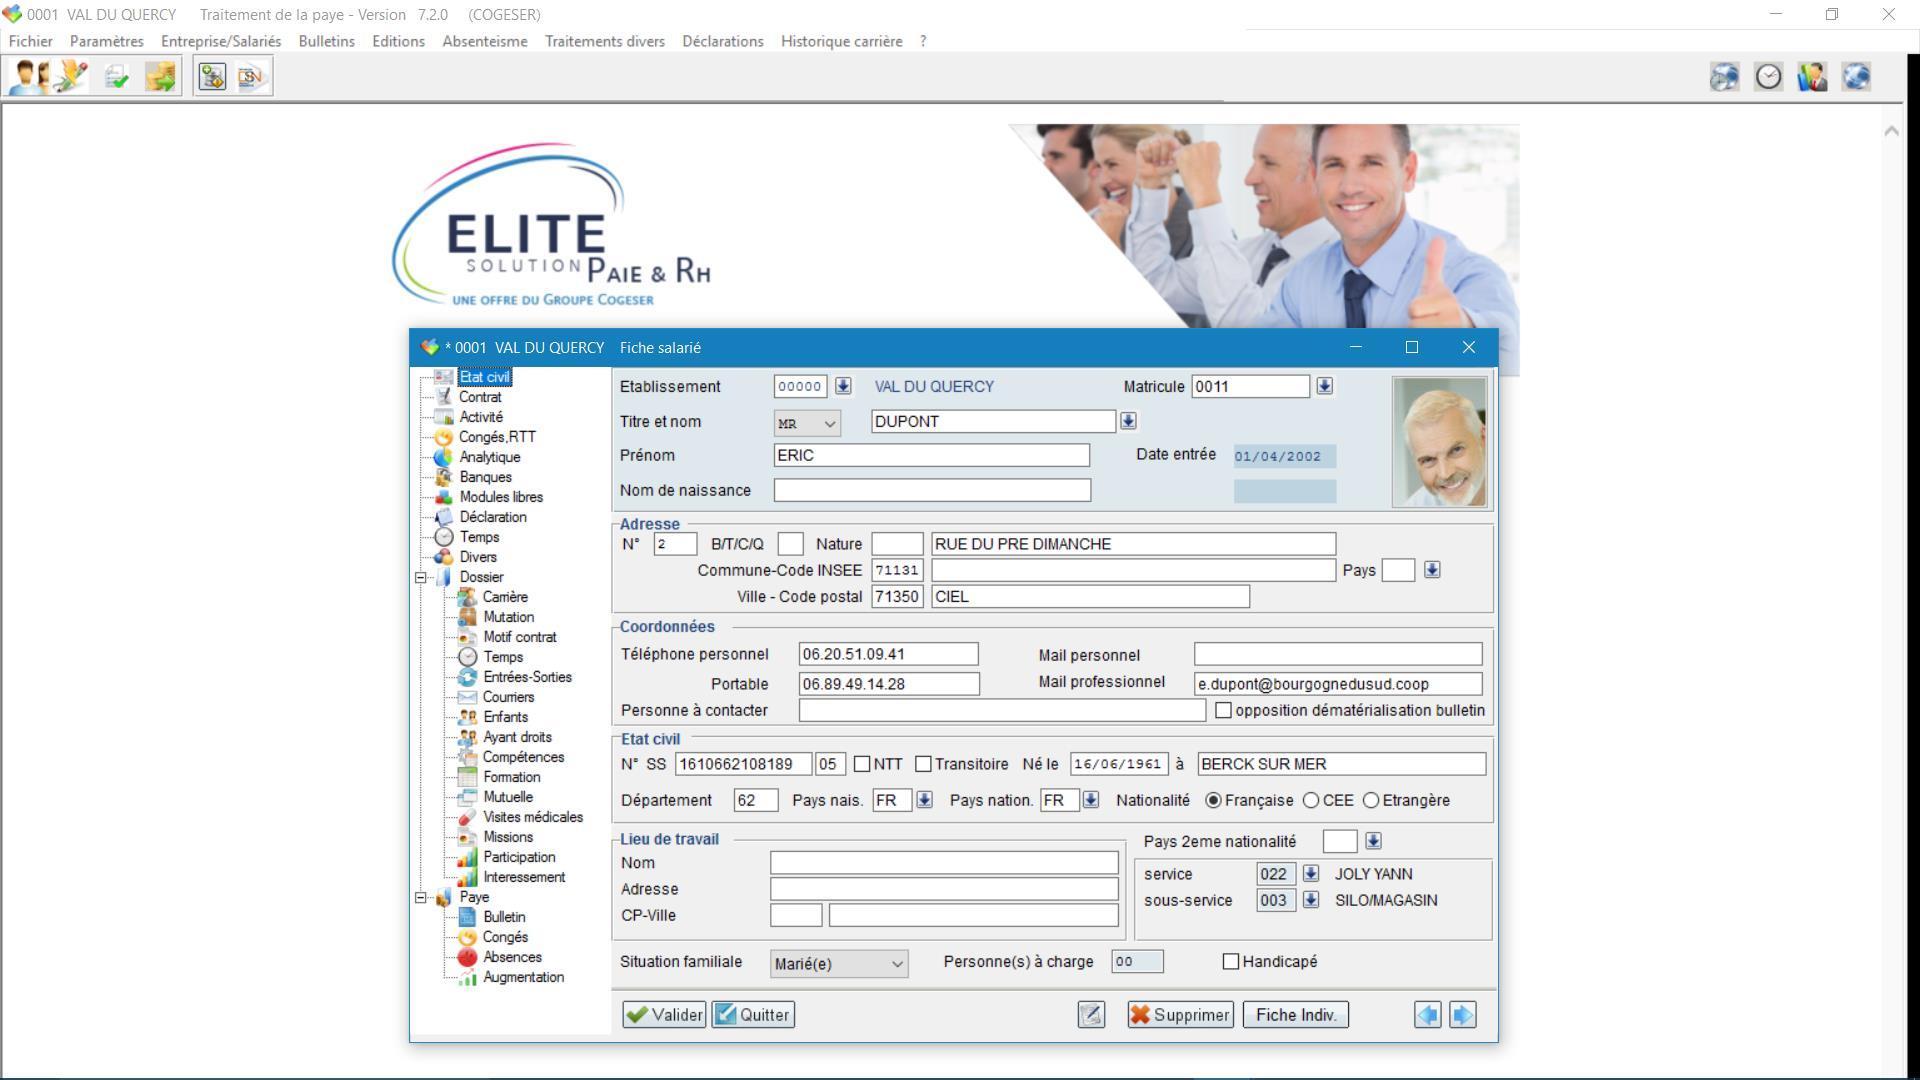 elite logiciel paie ressources